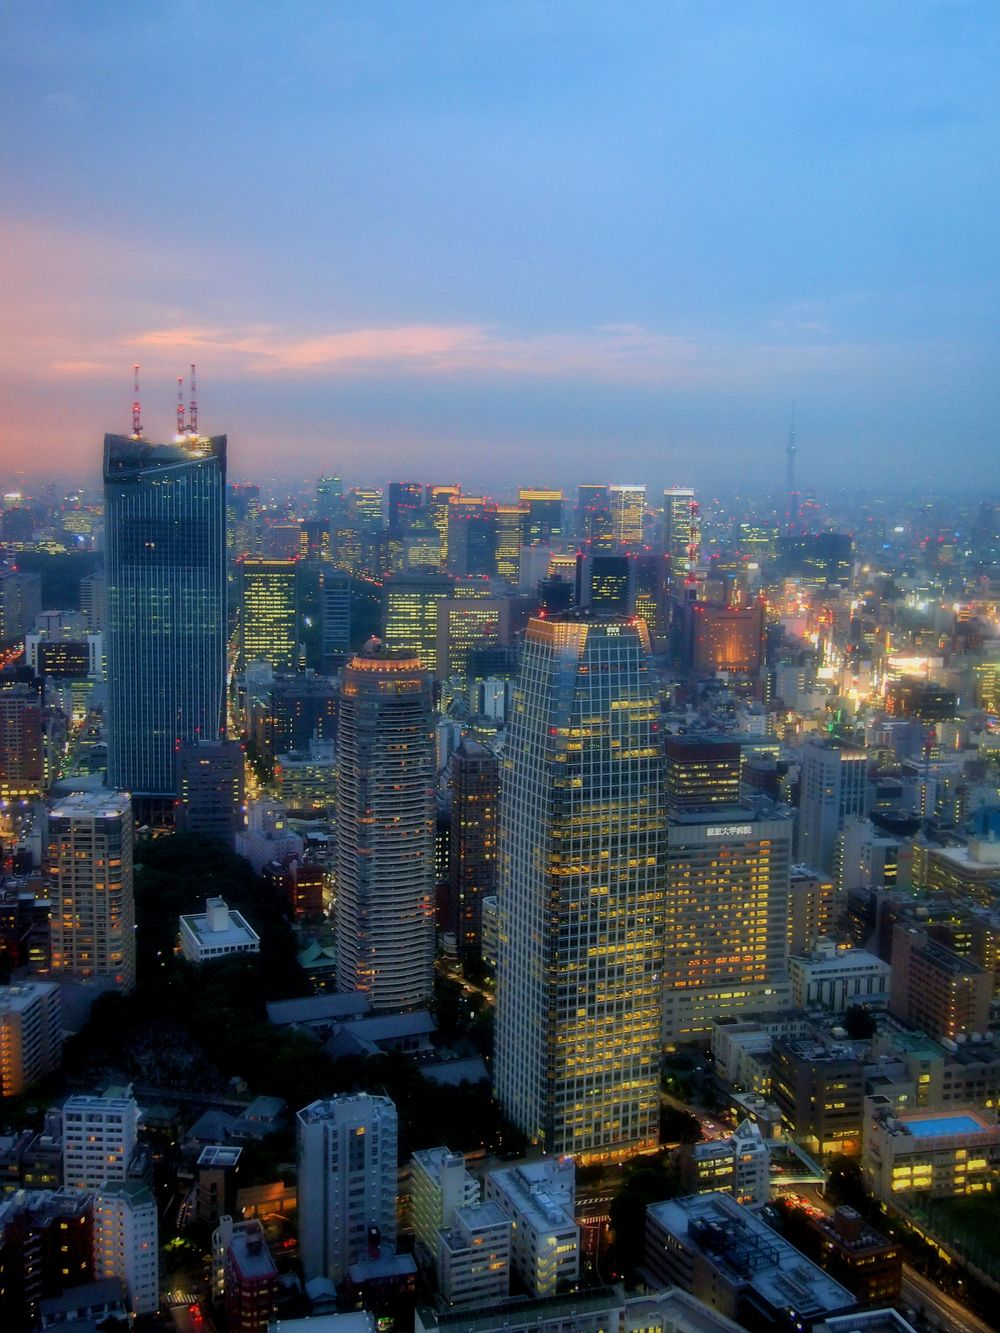 tokyo_nightview.jpg